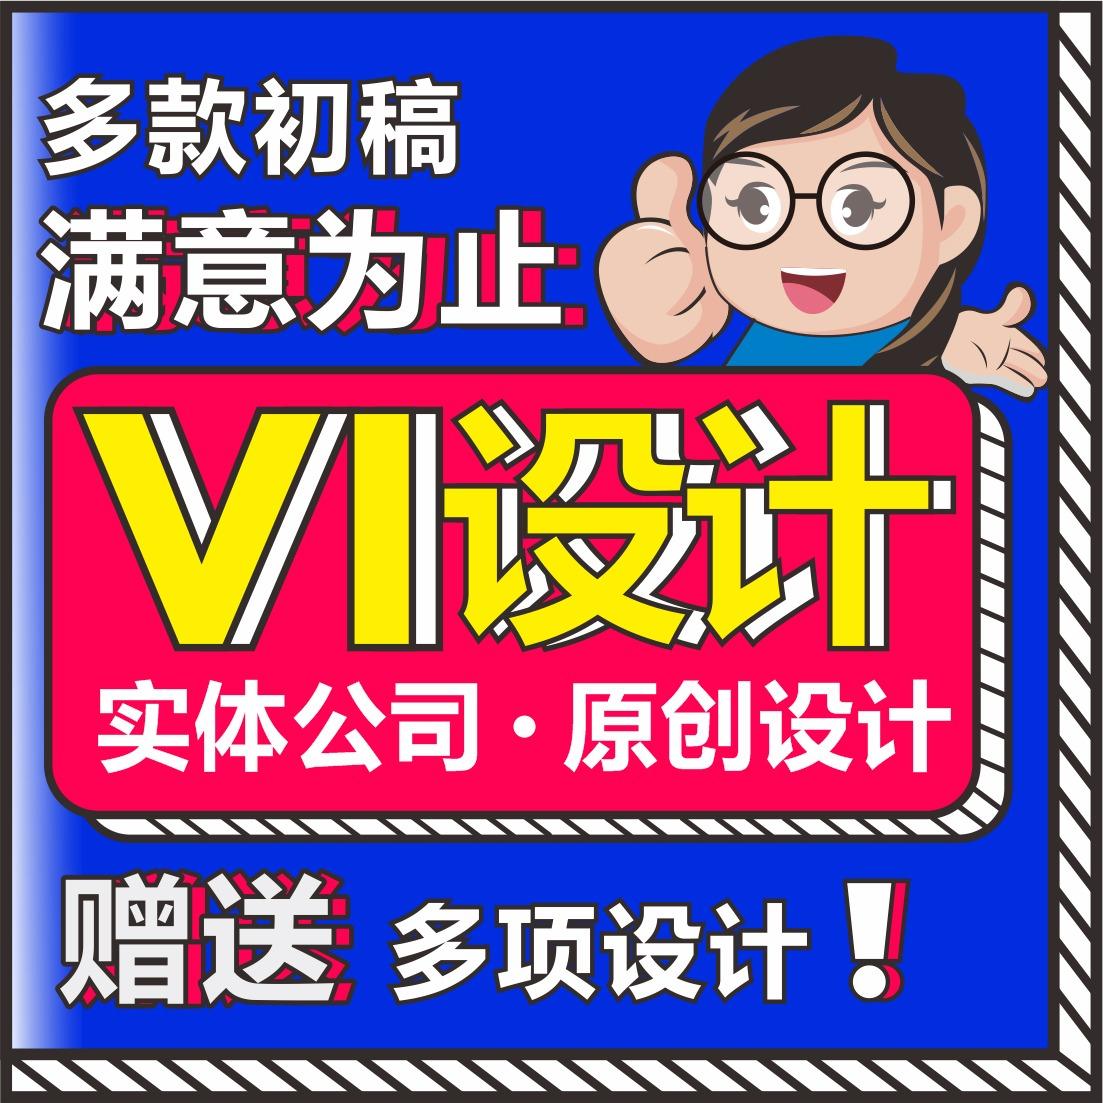 【预祥精英版VI设计套餐】企业公司高端品牌VI视觉系统设计